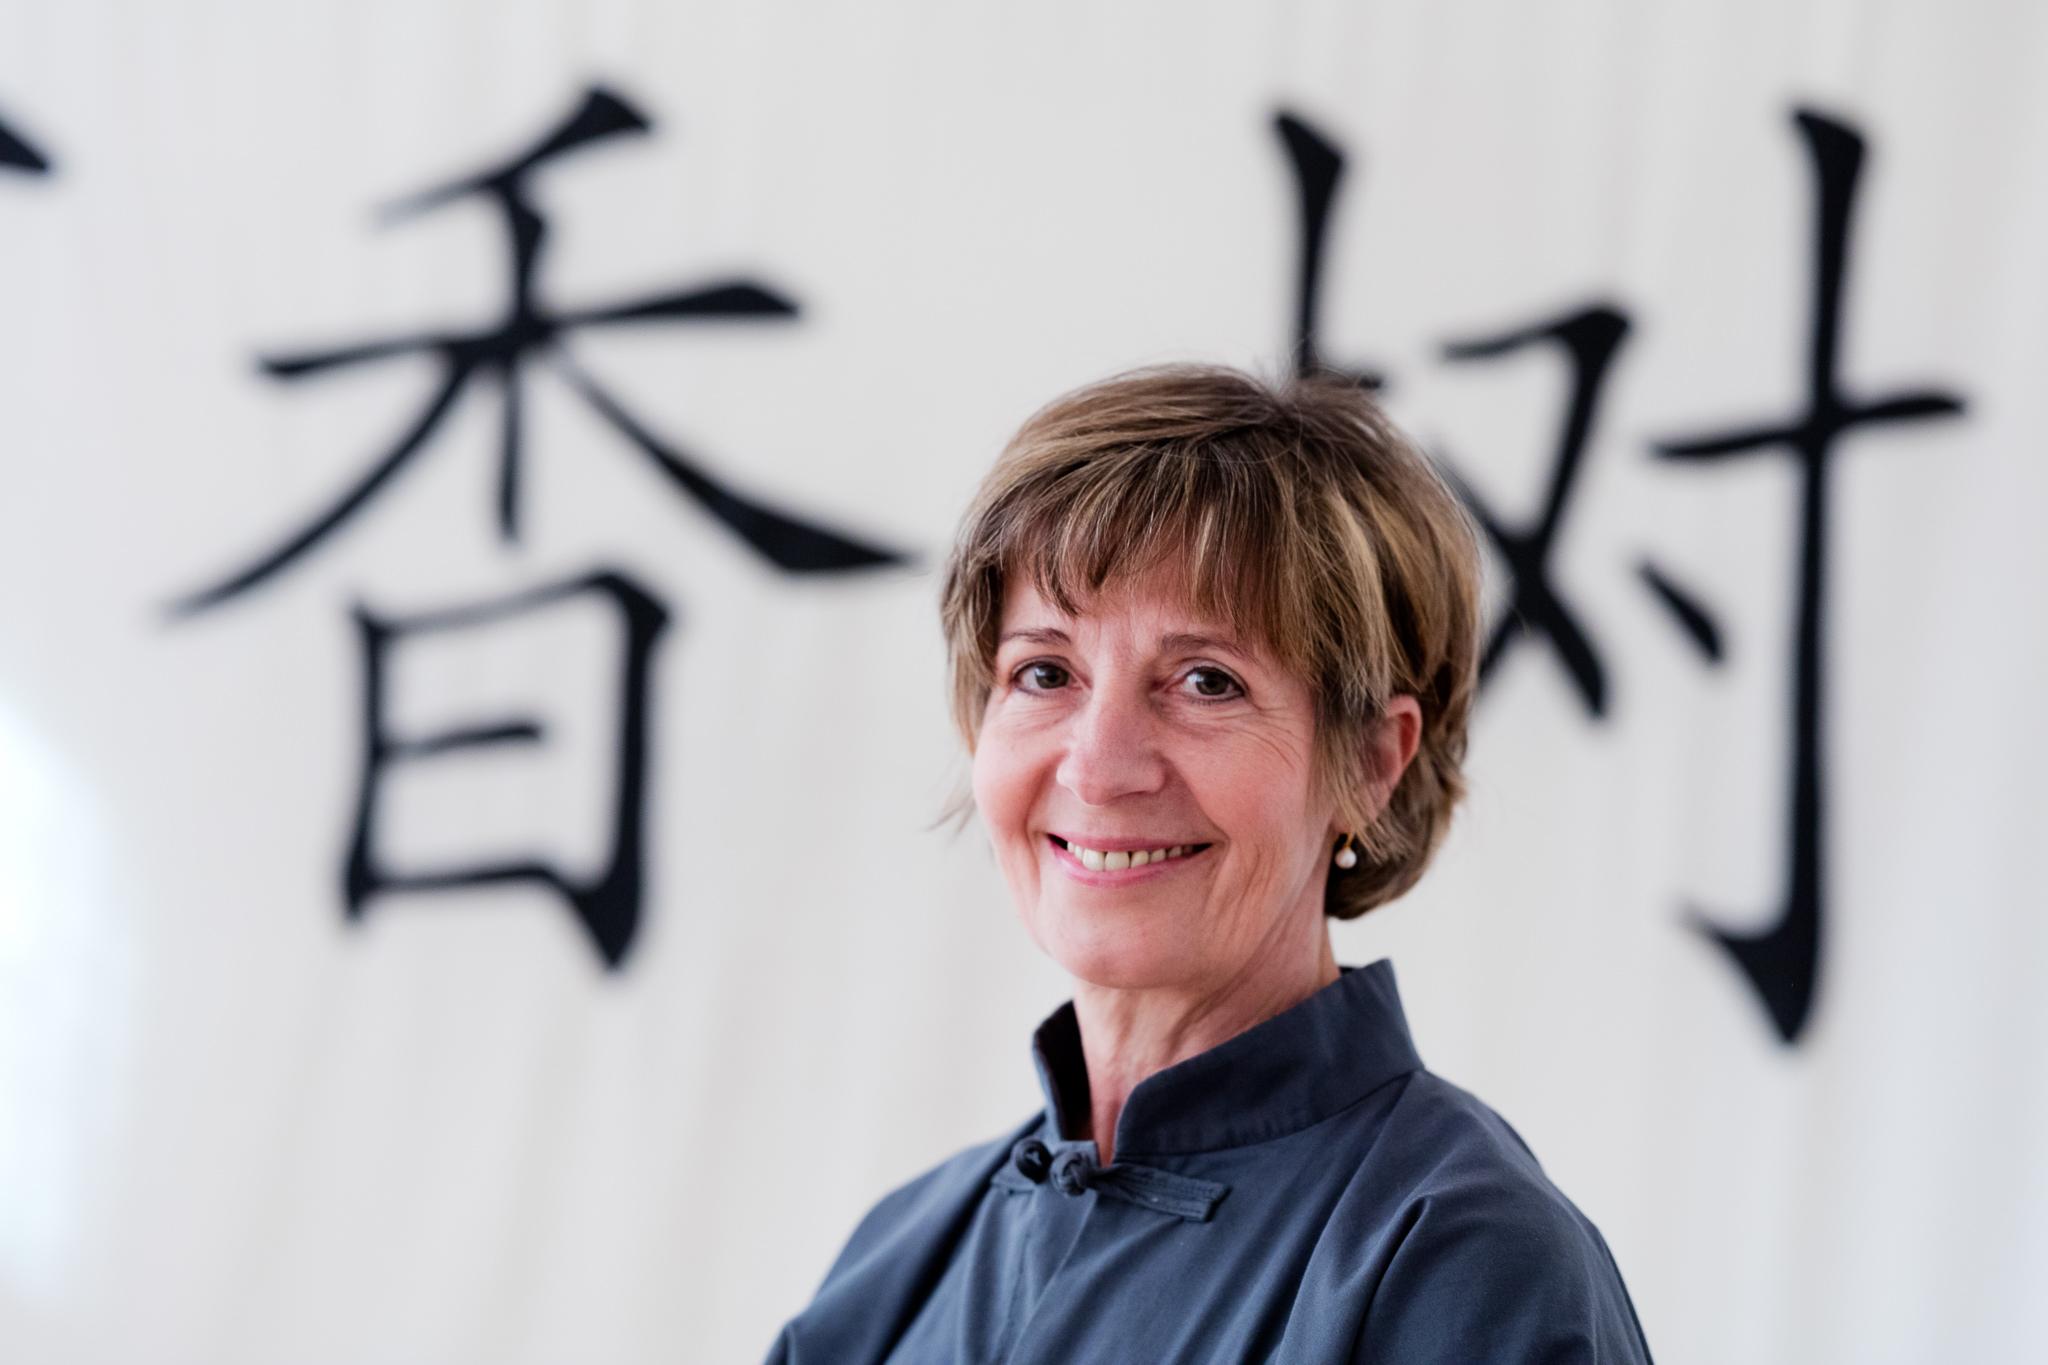 Heike Eltzner, Pysiotherapeutin, Tai Chi seit 2011, QIgong Lehrerin